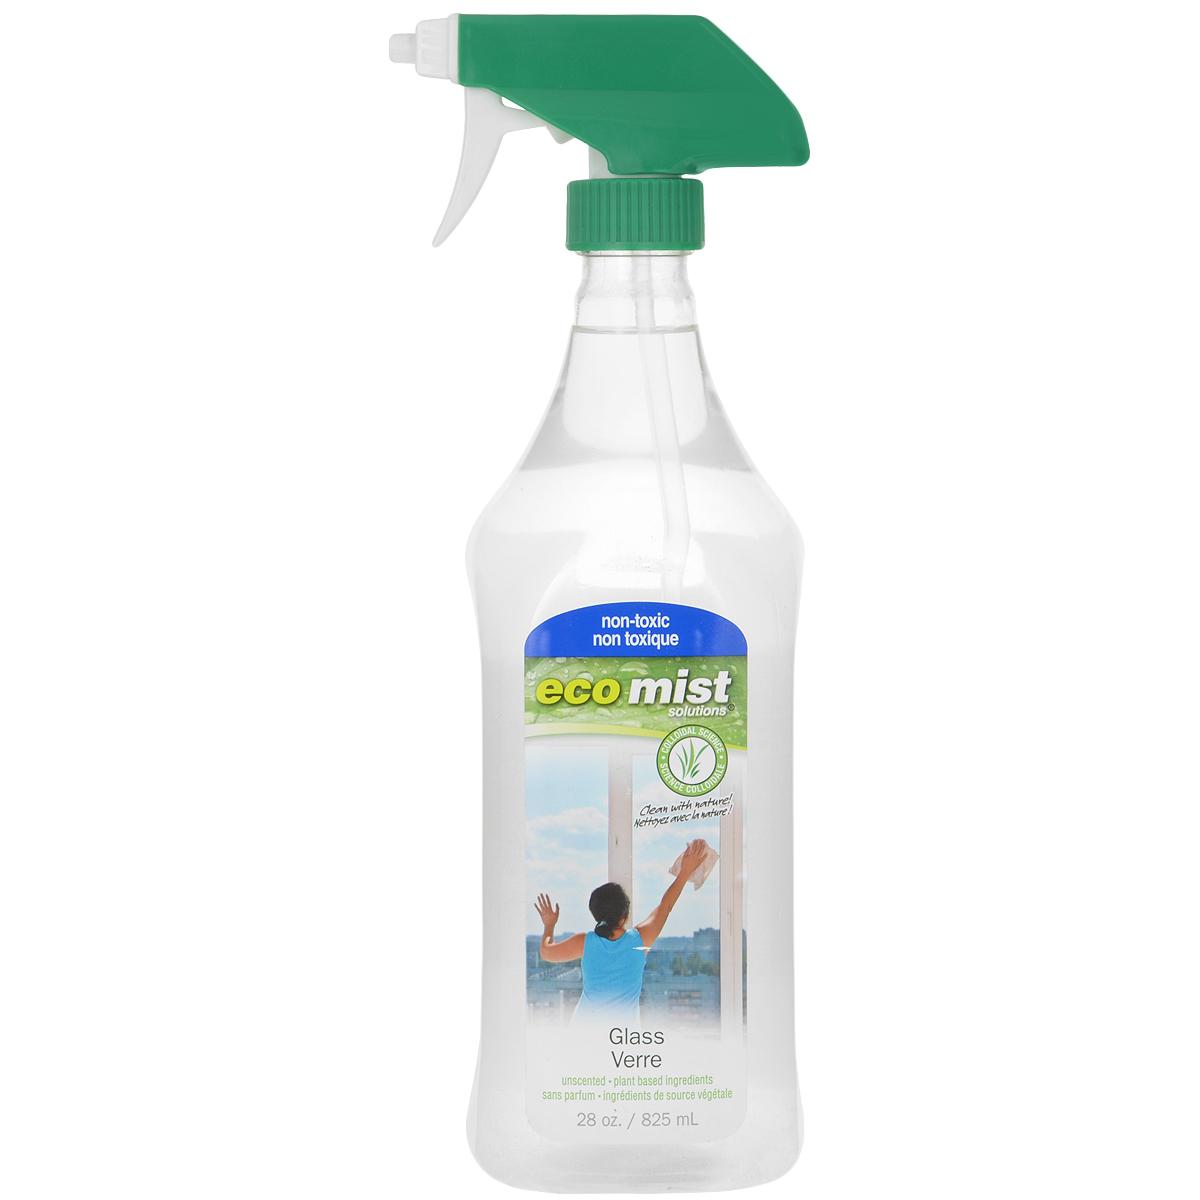 Средство для мытья стекол Eco Mist, 825 мл787502Моющее средство Eco Mist, не оставляющее разводов! Используется для мойки окон, зеркал и других стеклянных поверхностей. Может быть также использовано для очистки хромированных и металлических предметов. Средство идеально подходит для людей с чувствительной кожей. Не токсично. Без запаха. Идеальное средство для зеркал, автомобильного стекла и пластиковыхпанелей. Состав: дехлорированная вода, сахарный тростник, переработанный экстракт кокоса.